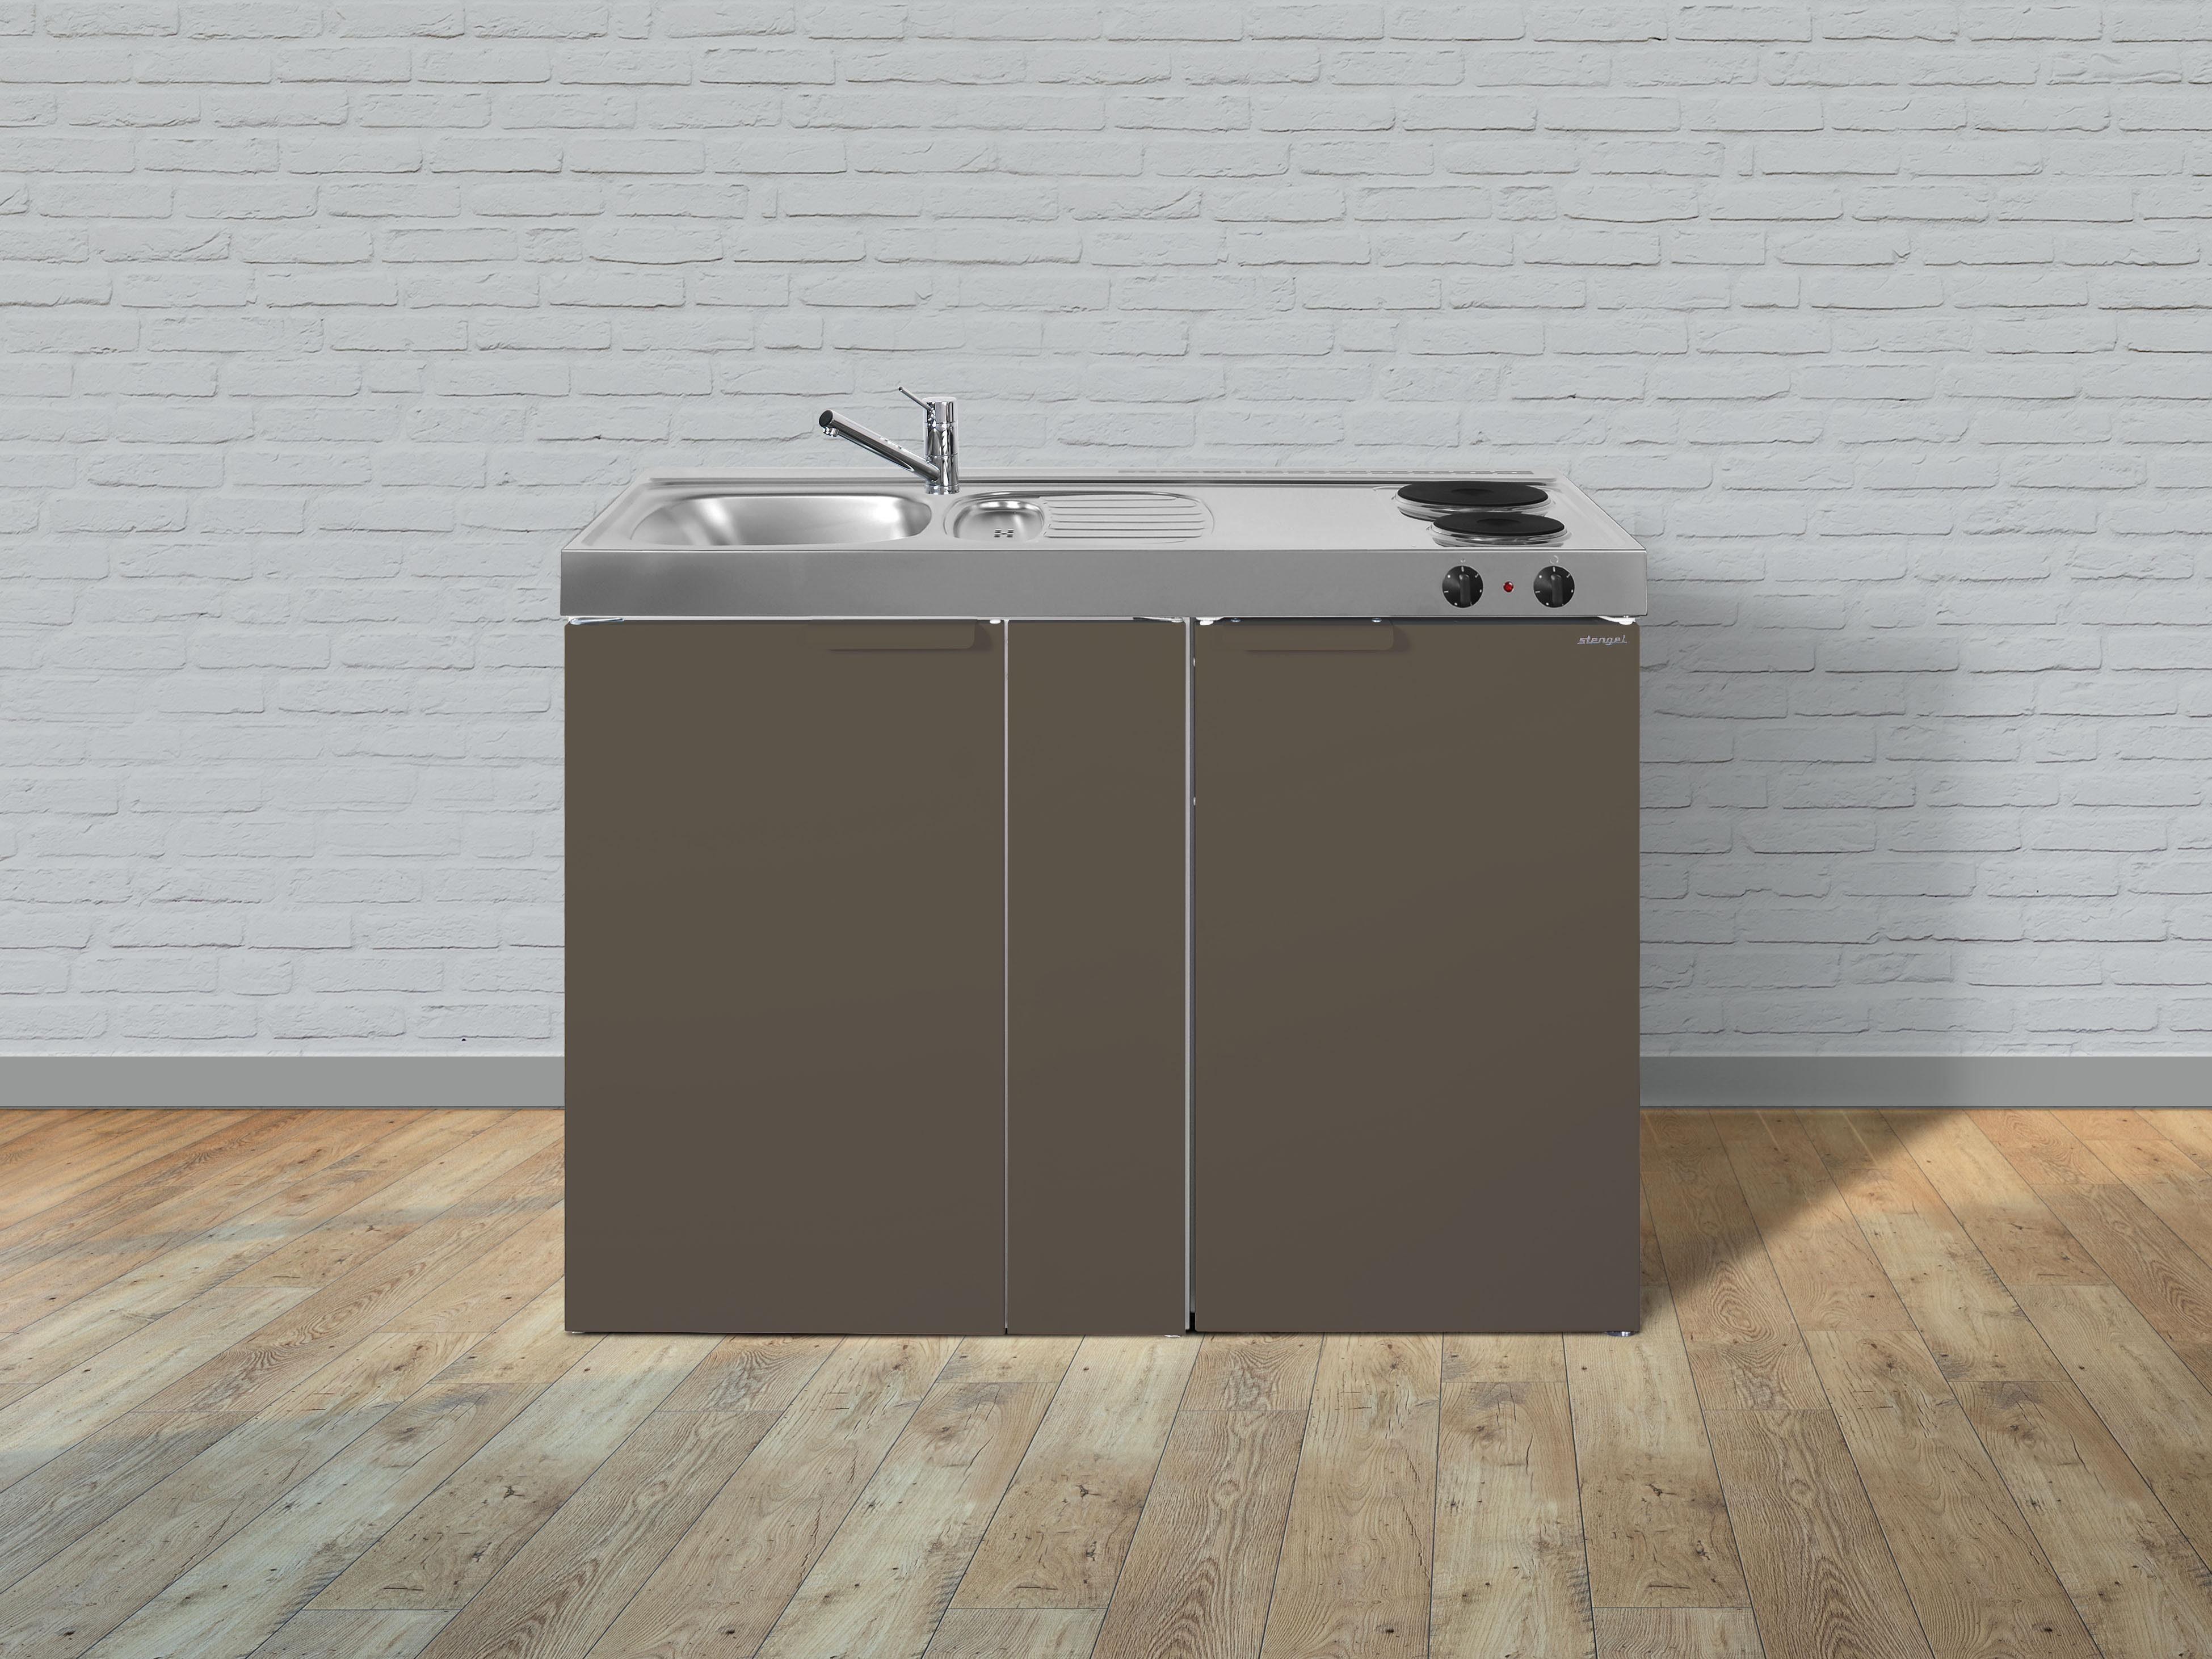 Miniküche Mit Kühlschrank Ohne Kochfeld : Stengel metall miniküche kitchenline mk kühlschrank elektro